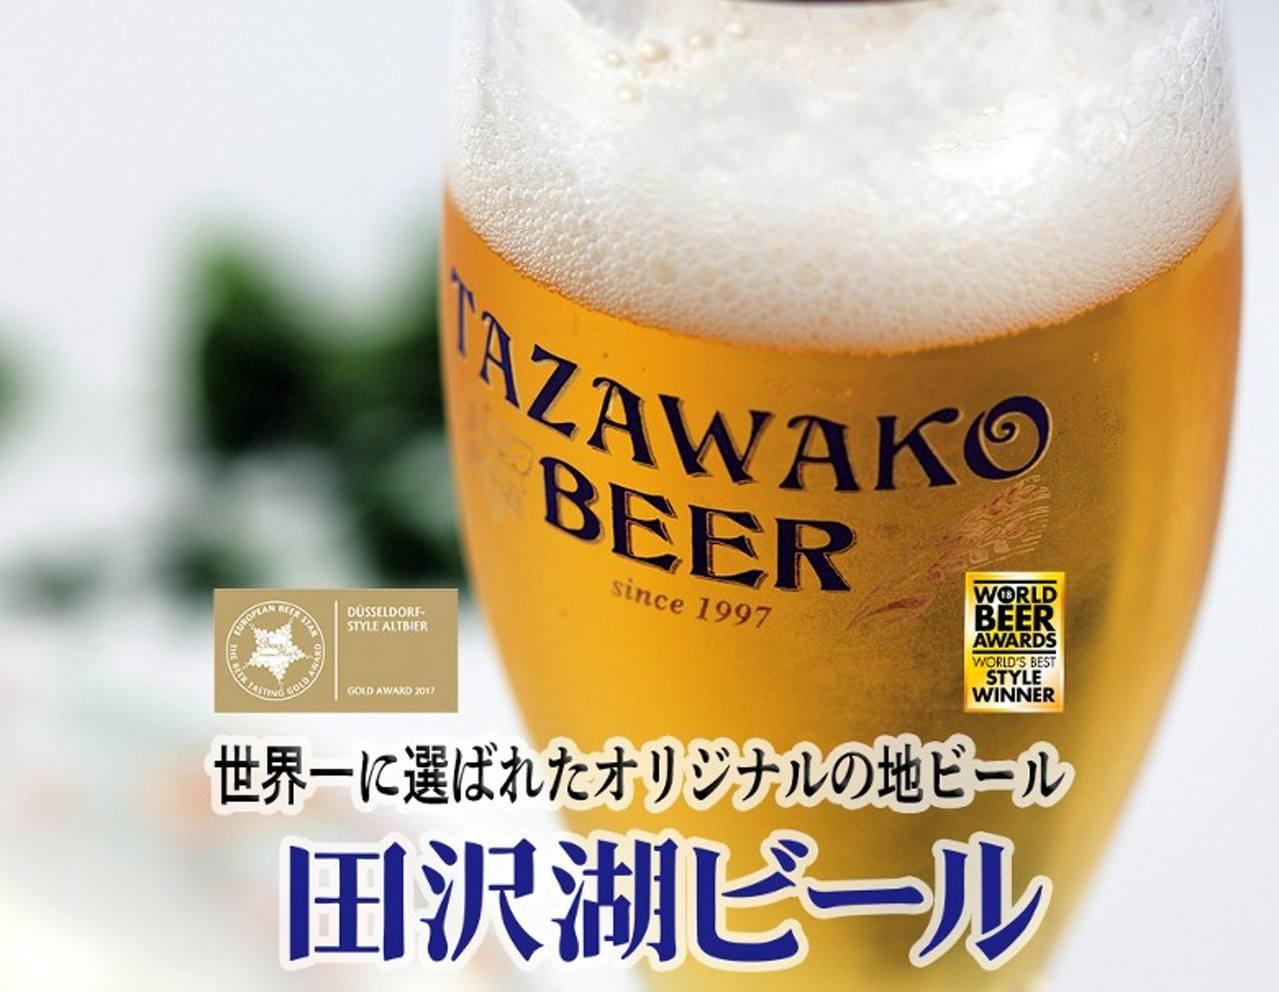 圖片來源/TAZAWAKO BEER